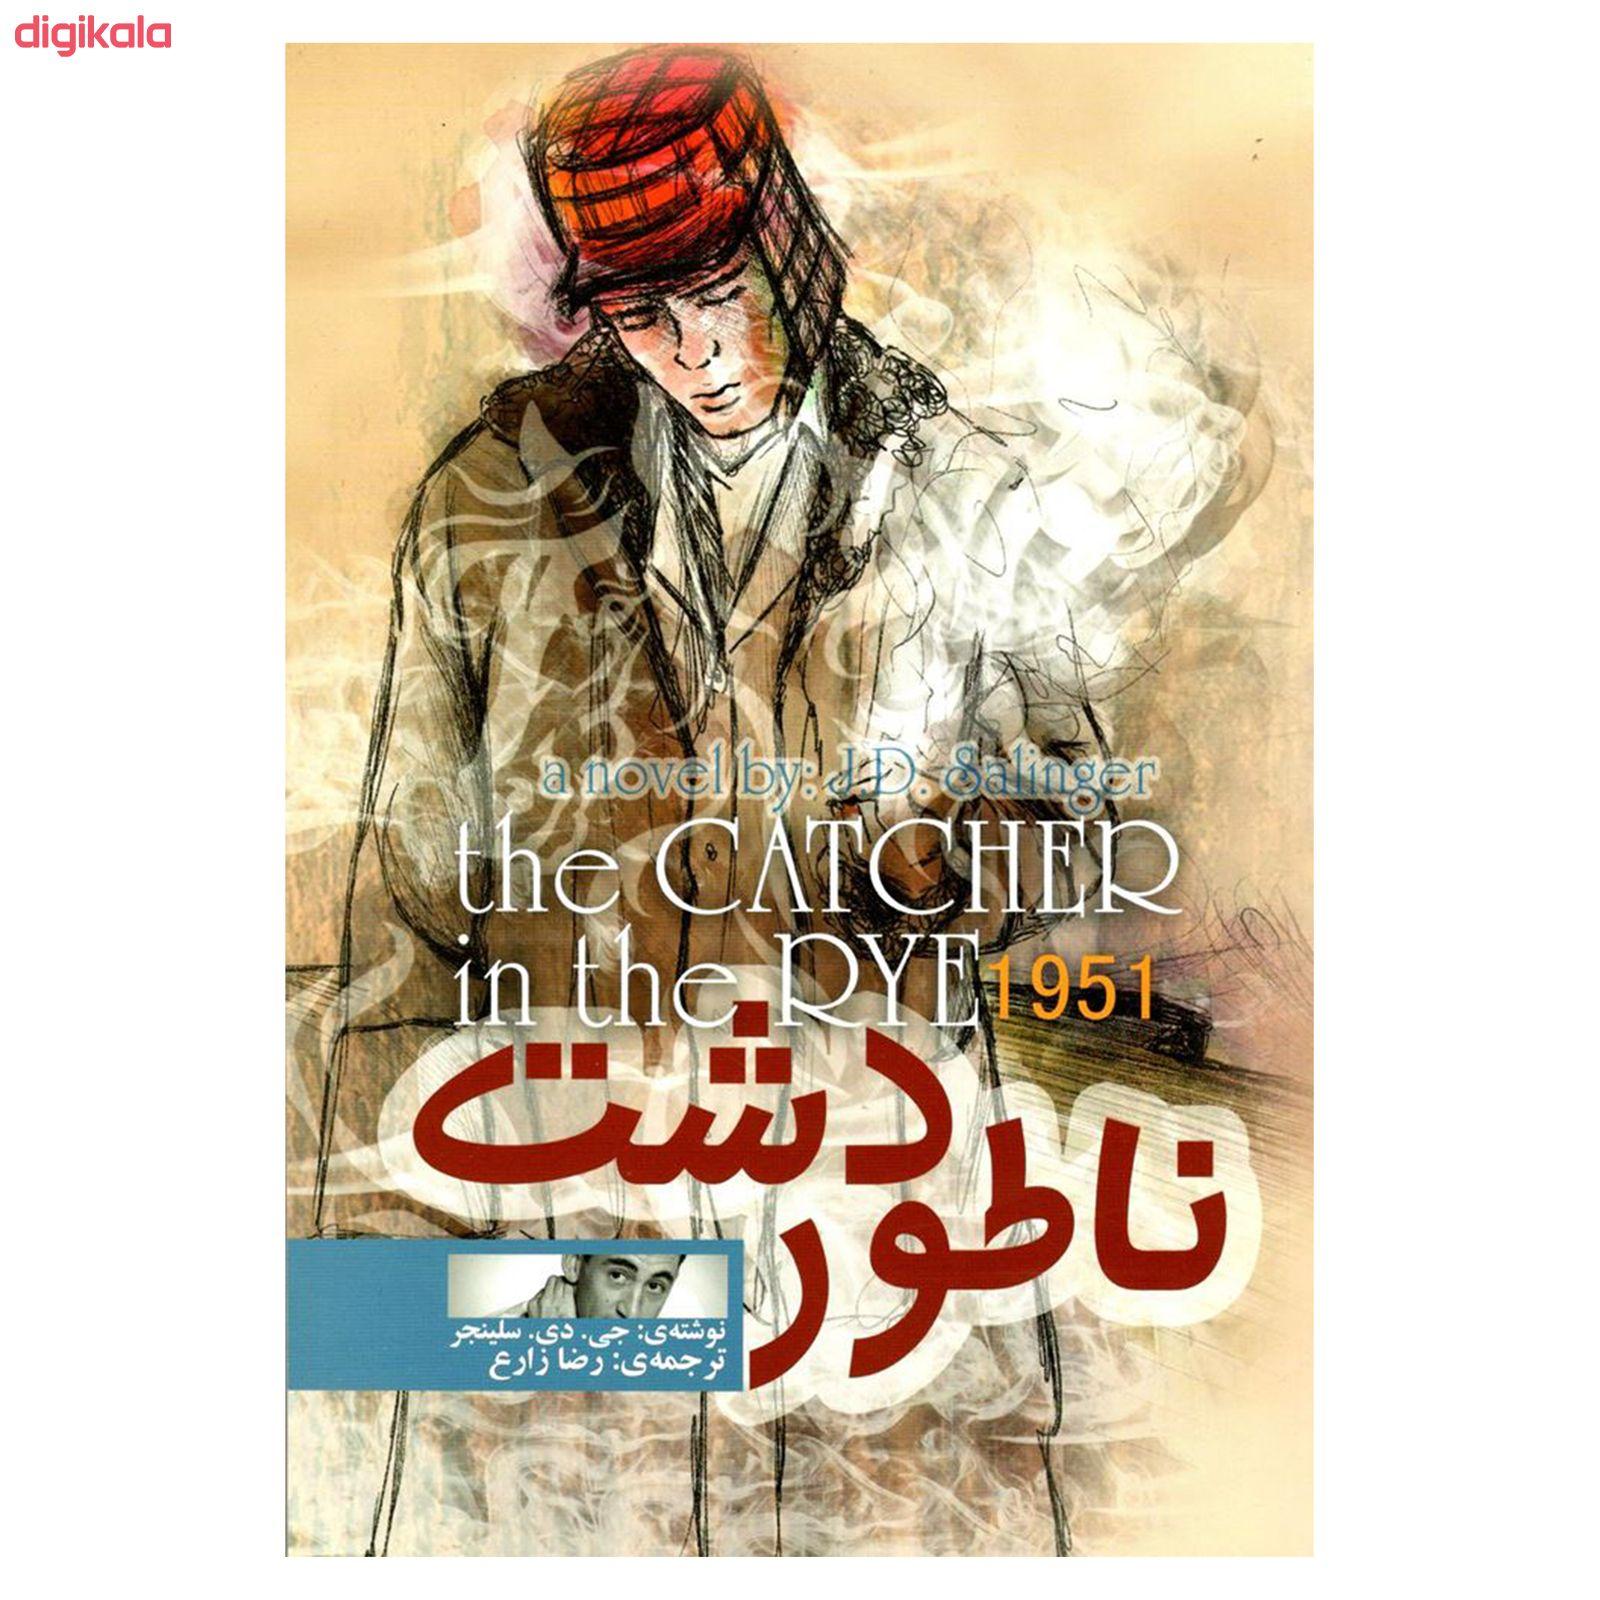 خرید اینترنتی با تخفیف ویژه کتاب ناطور دشت اثر جی دی سلینجر انتشارات الینا